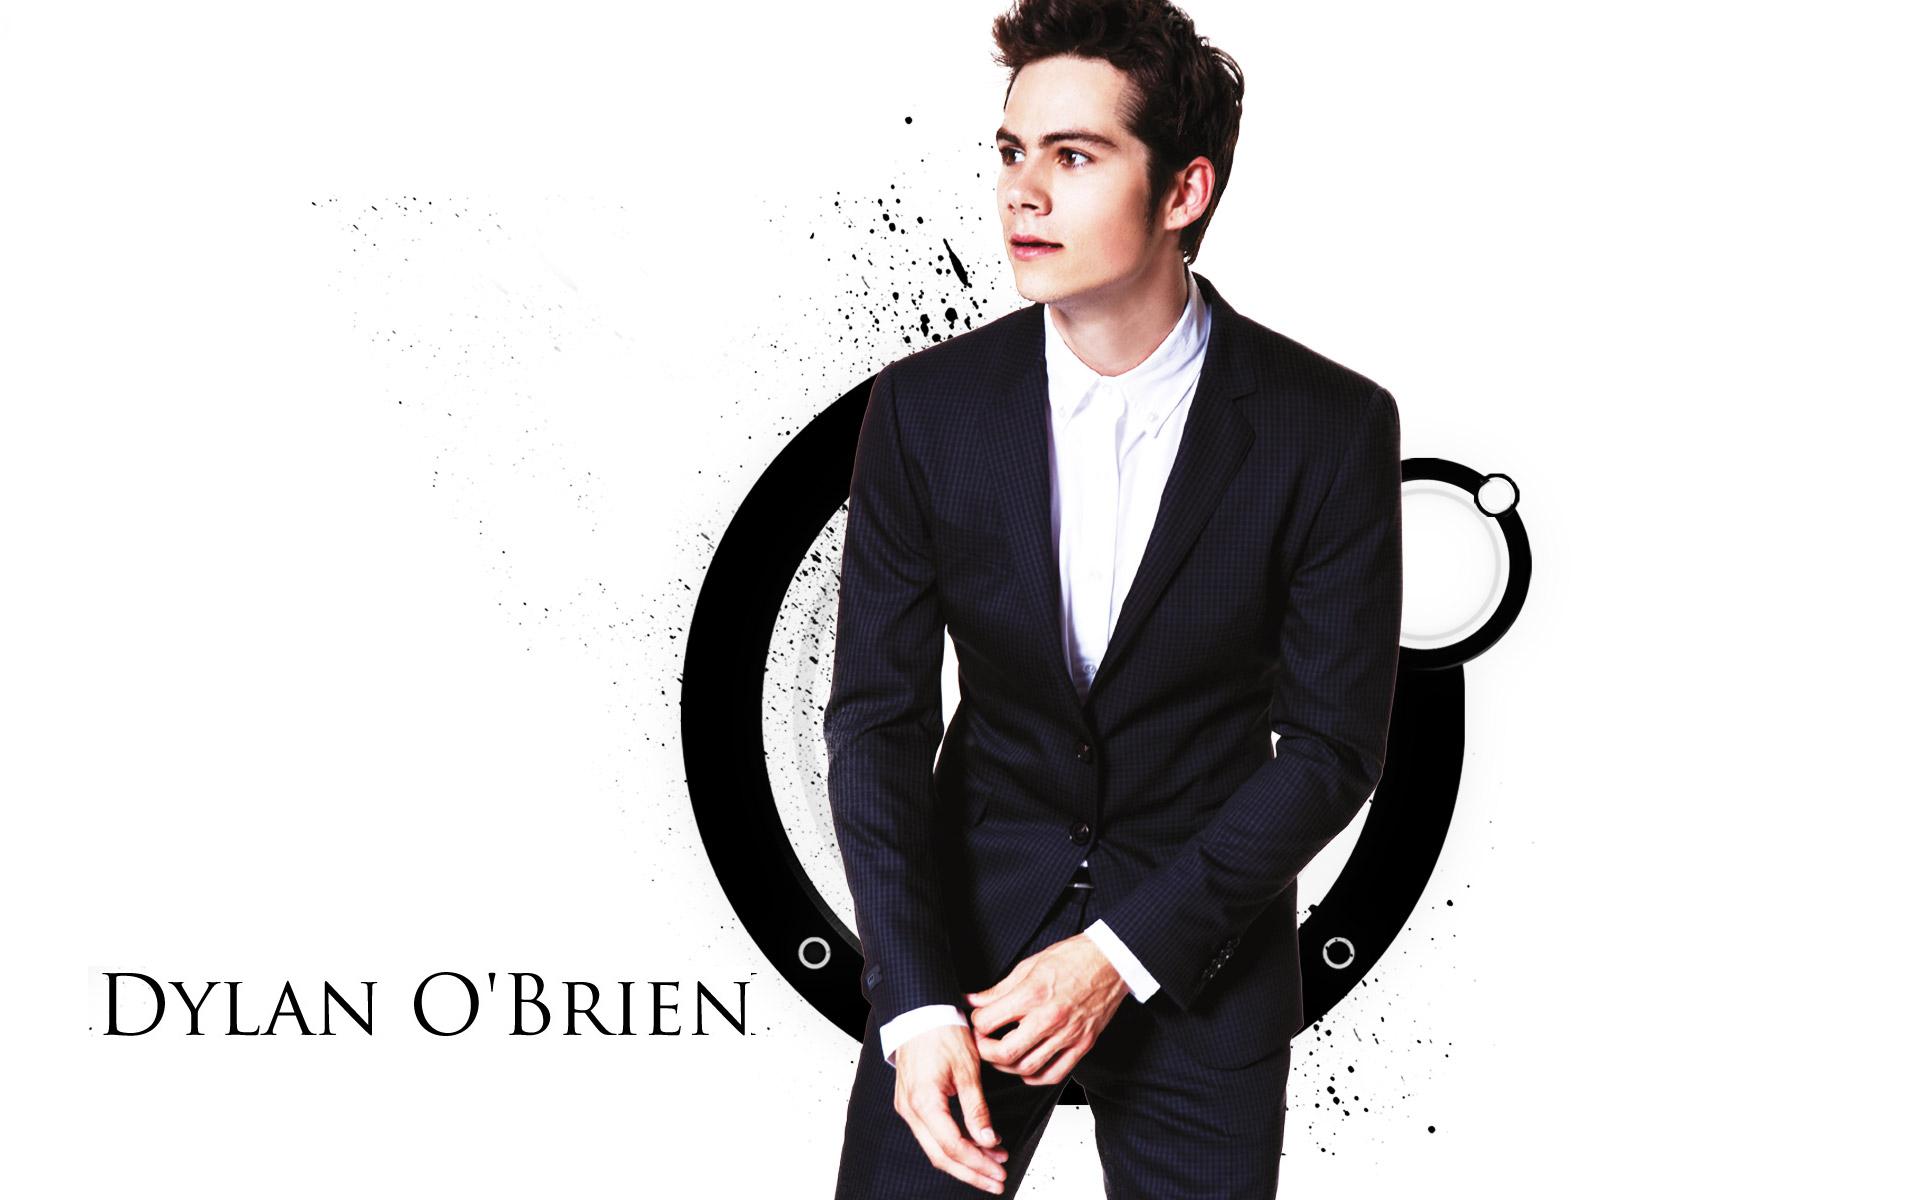 Dylan O'Brien Photos